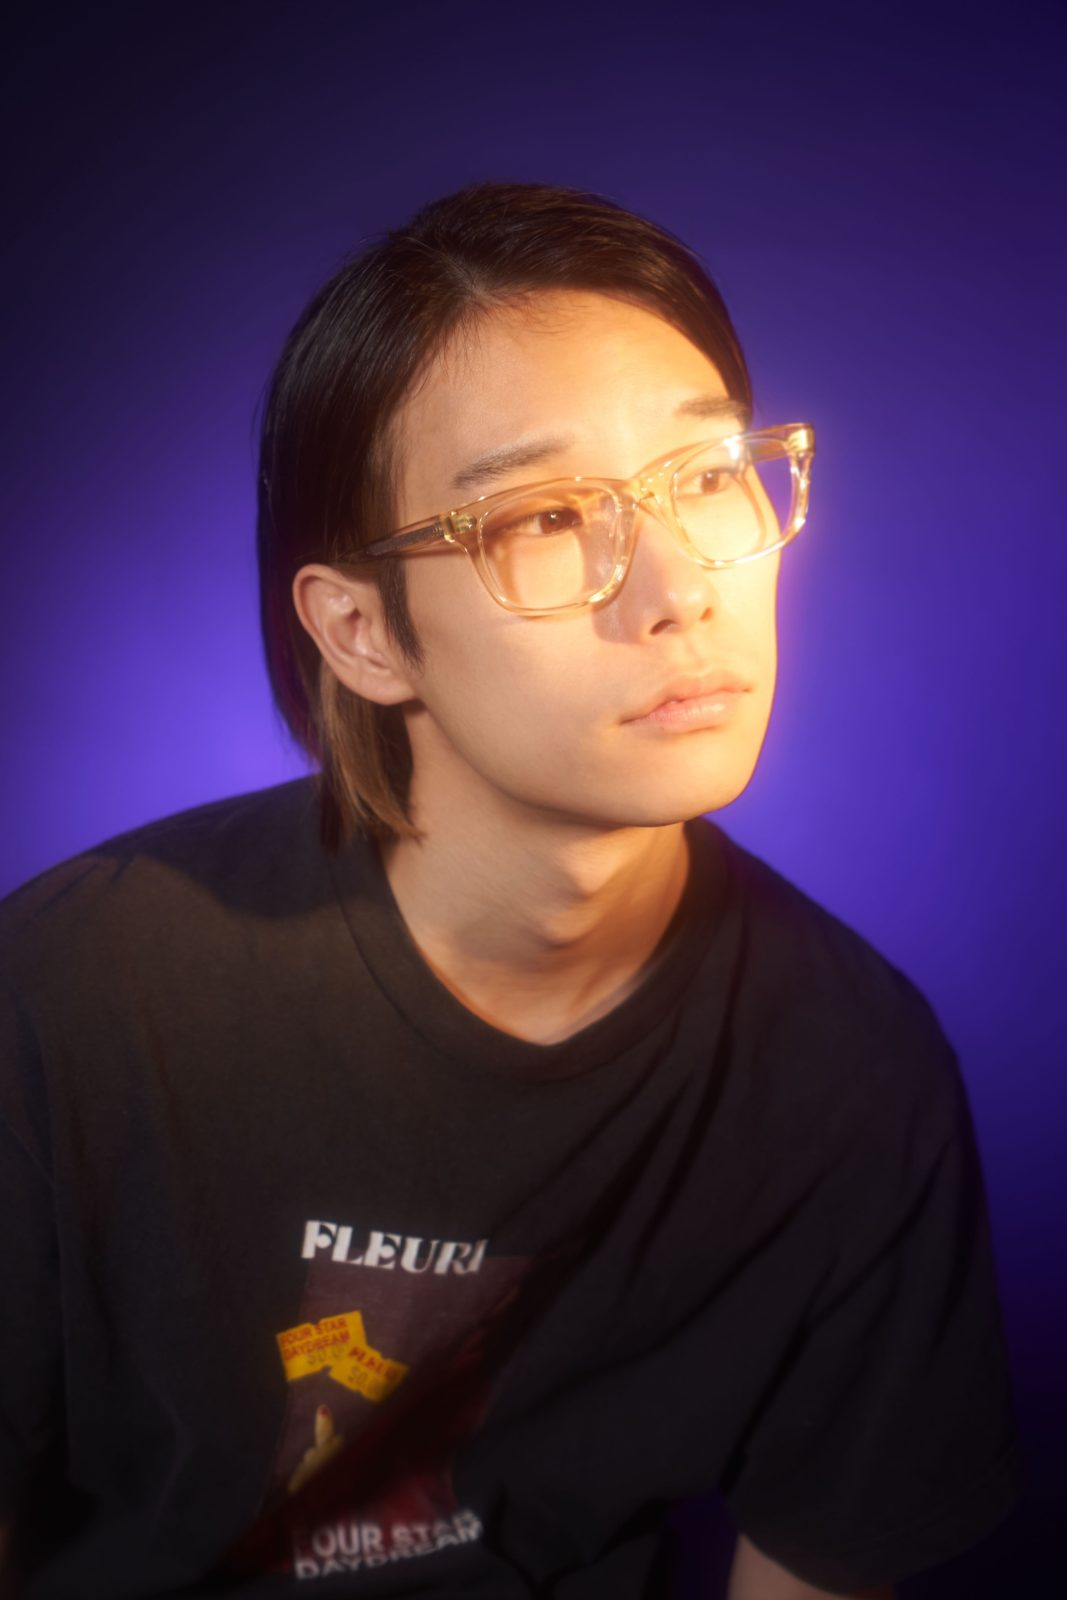 SPENSR、1stアルバム『MOTHERBOARD』リリース決定&帽子ブランドとのコラボMV公開サムネイル画像!